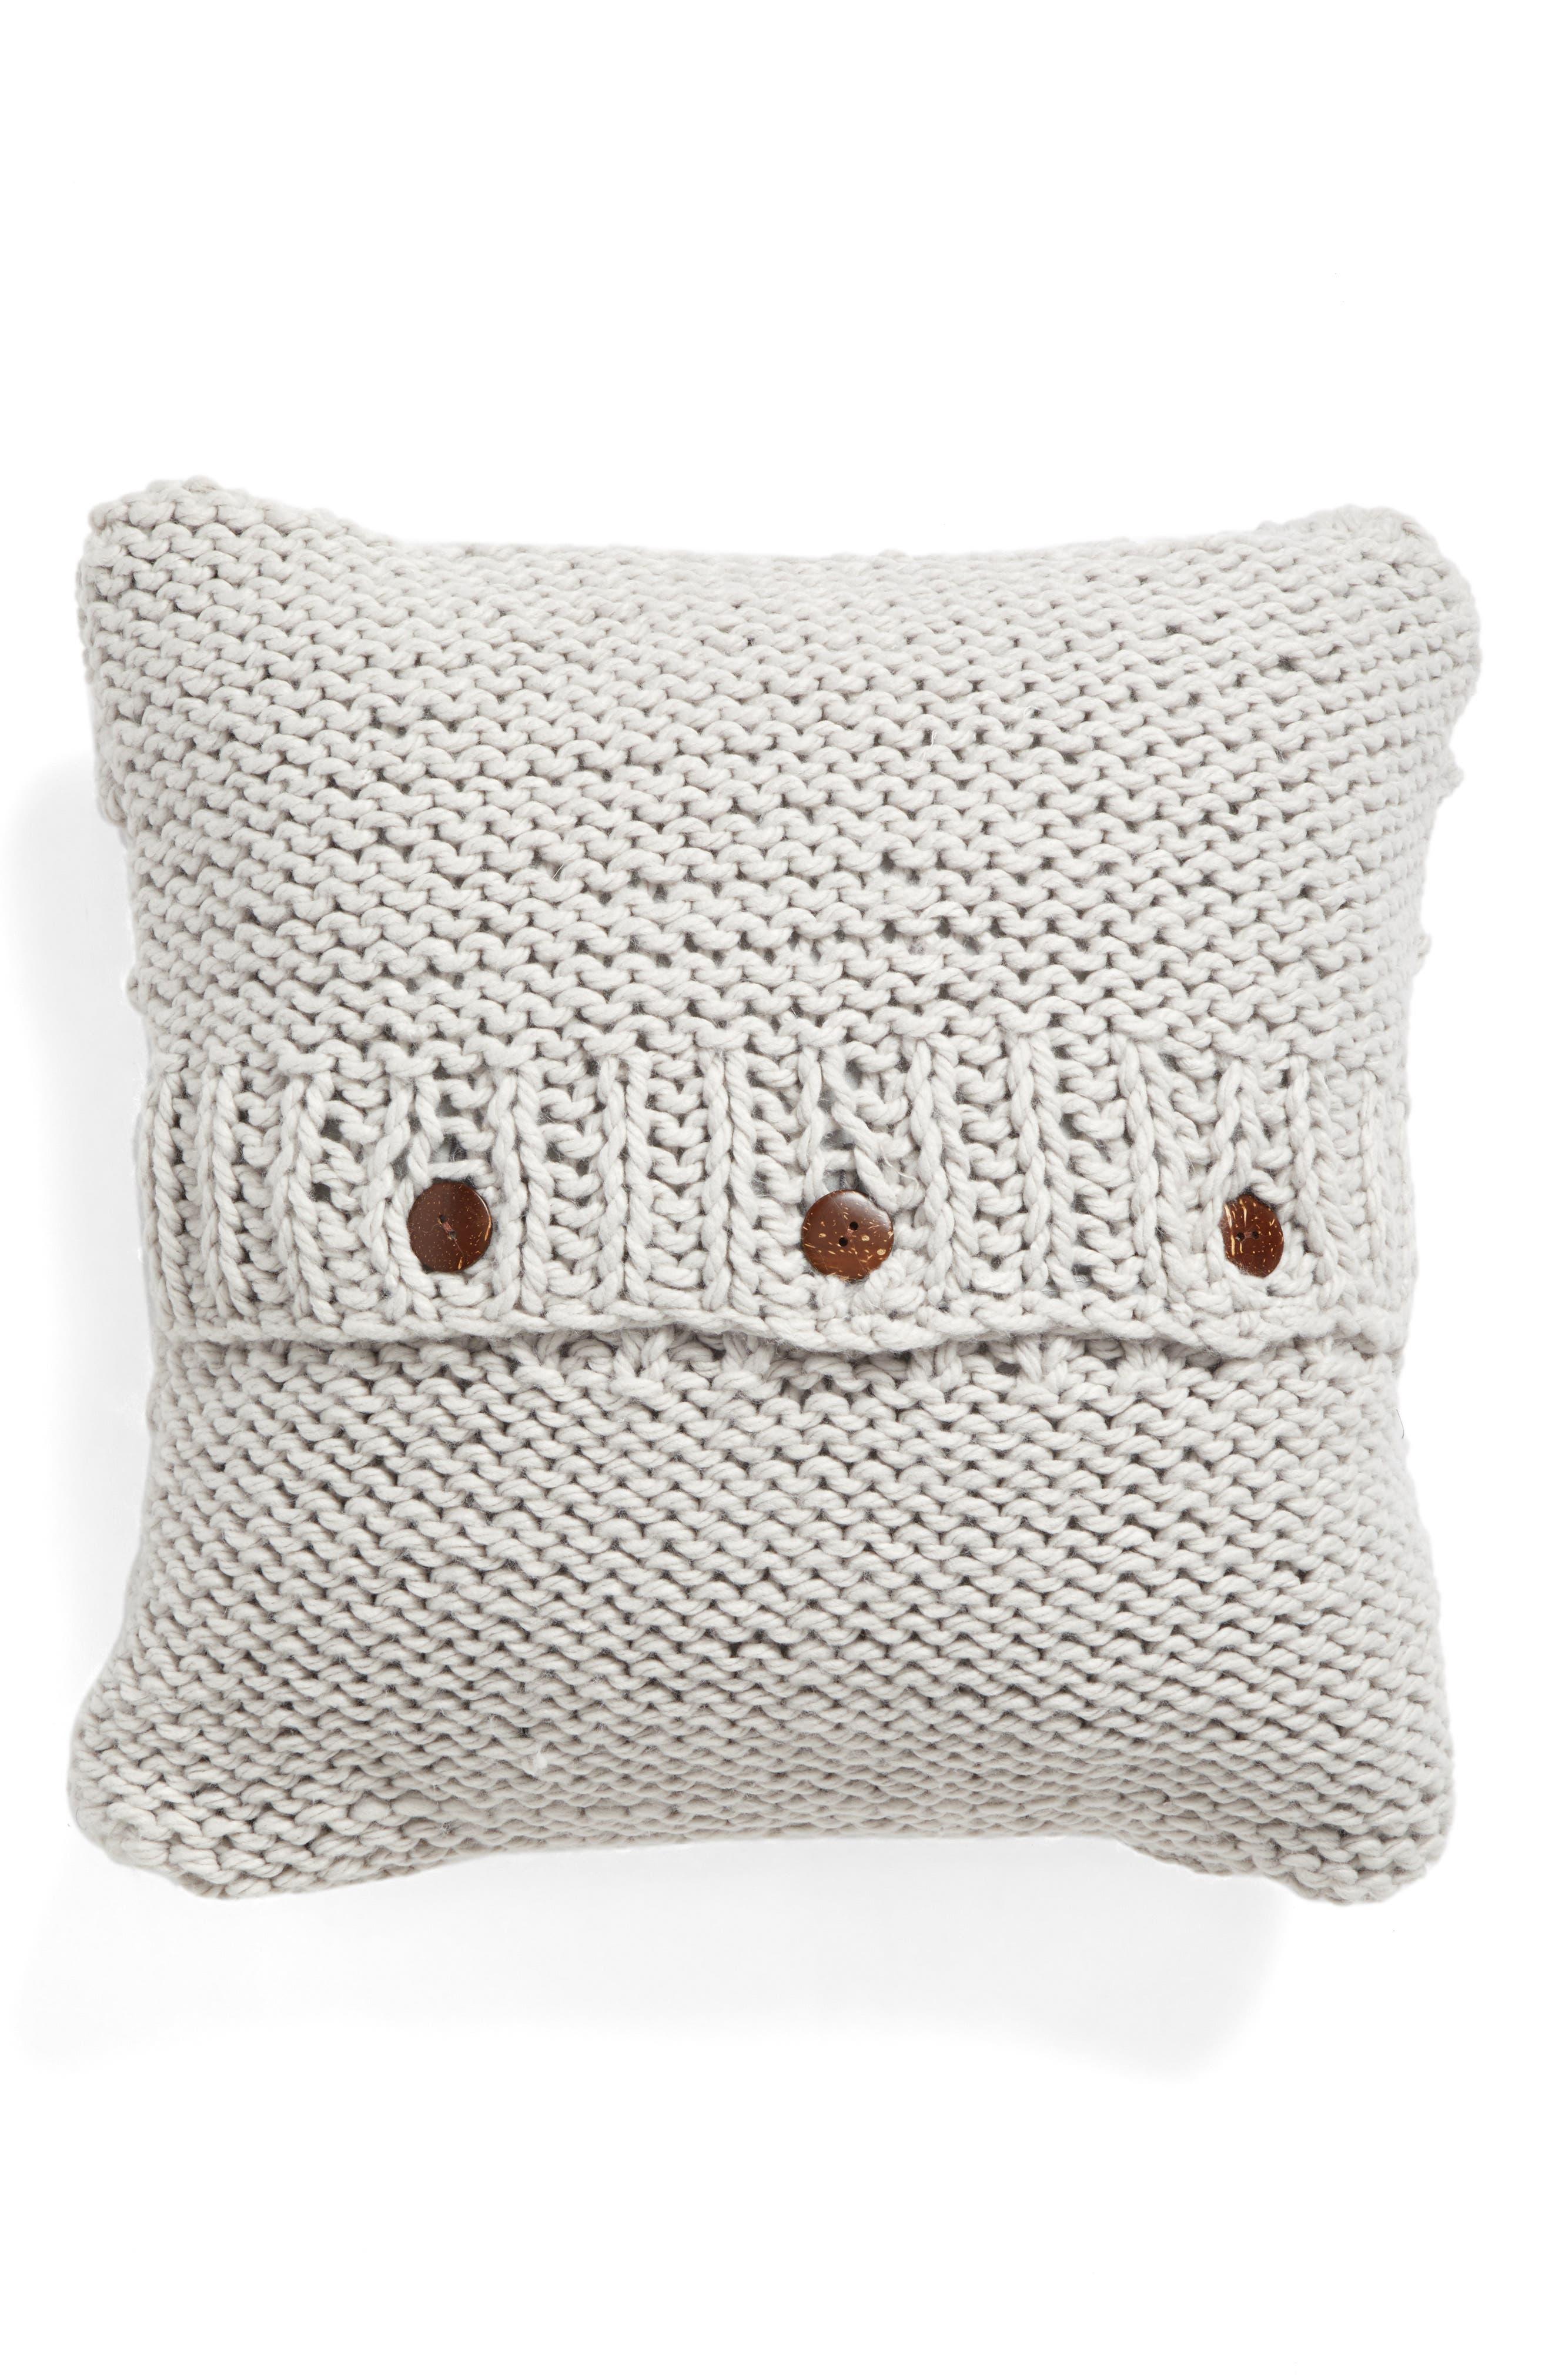 Basket Weave Accent Pillow,                             Alternate thumbnail 2, color,                             020